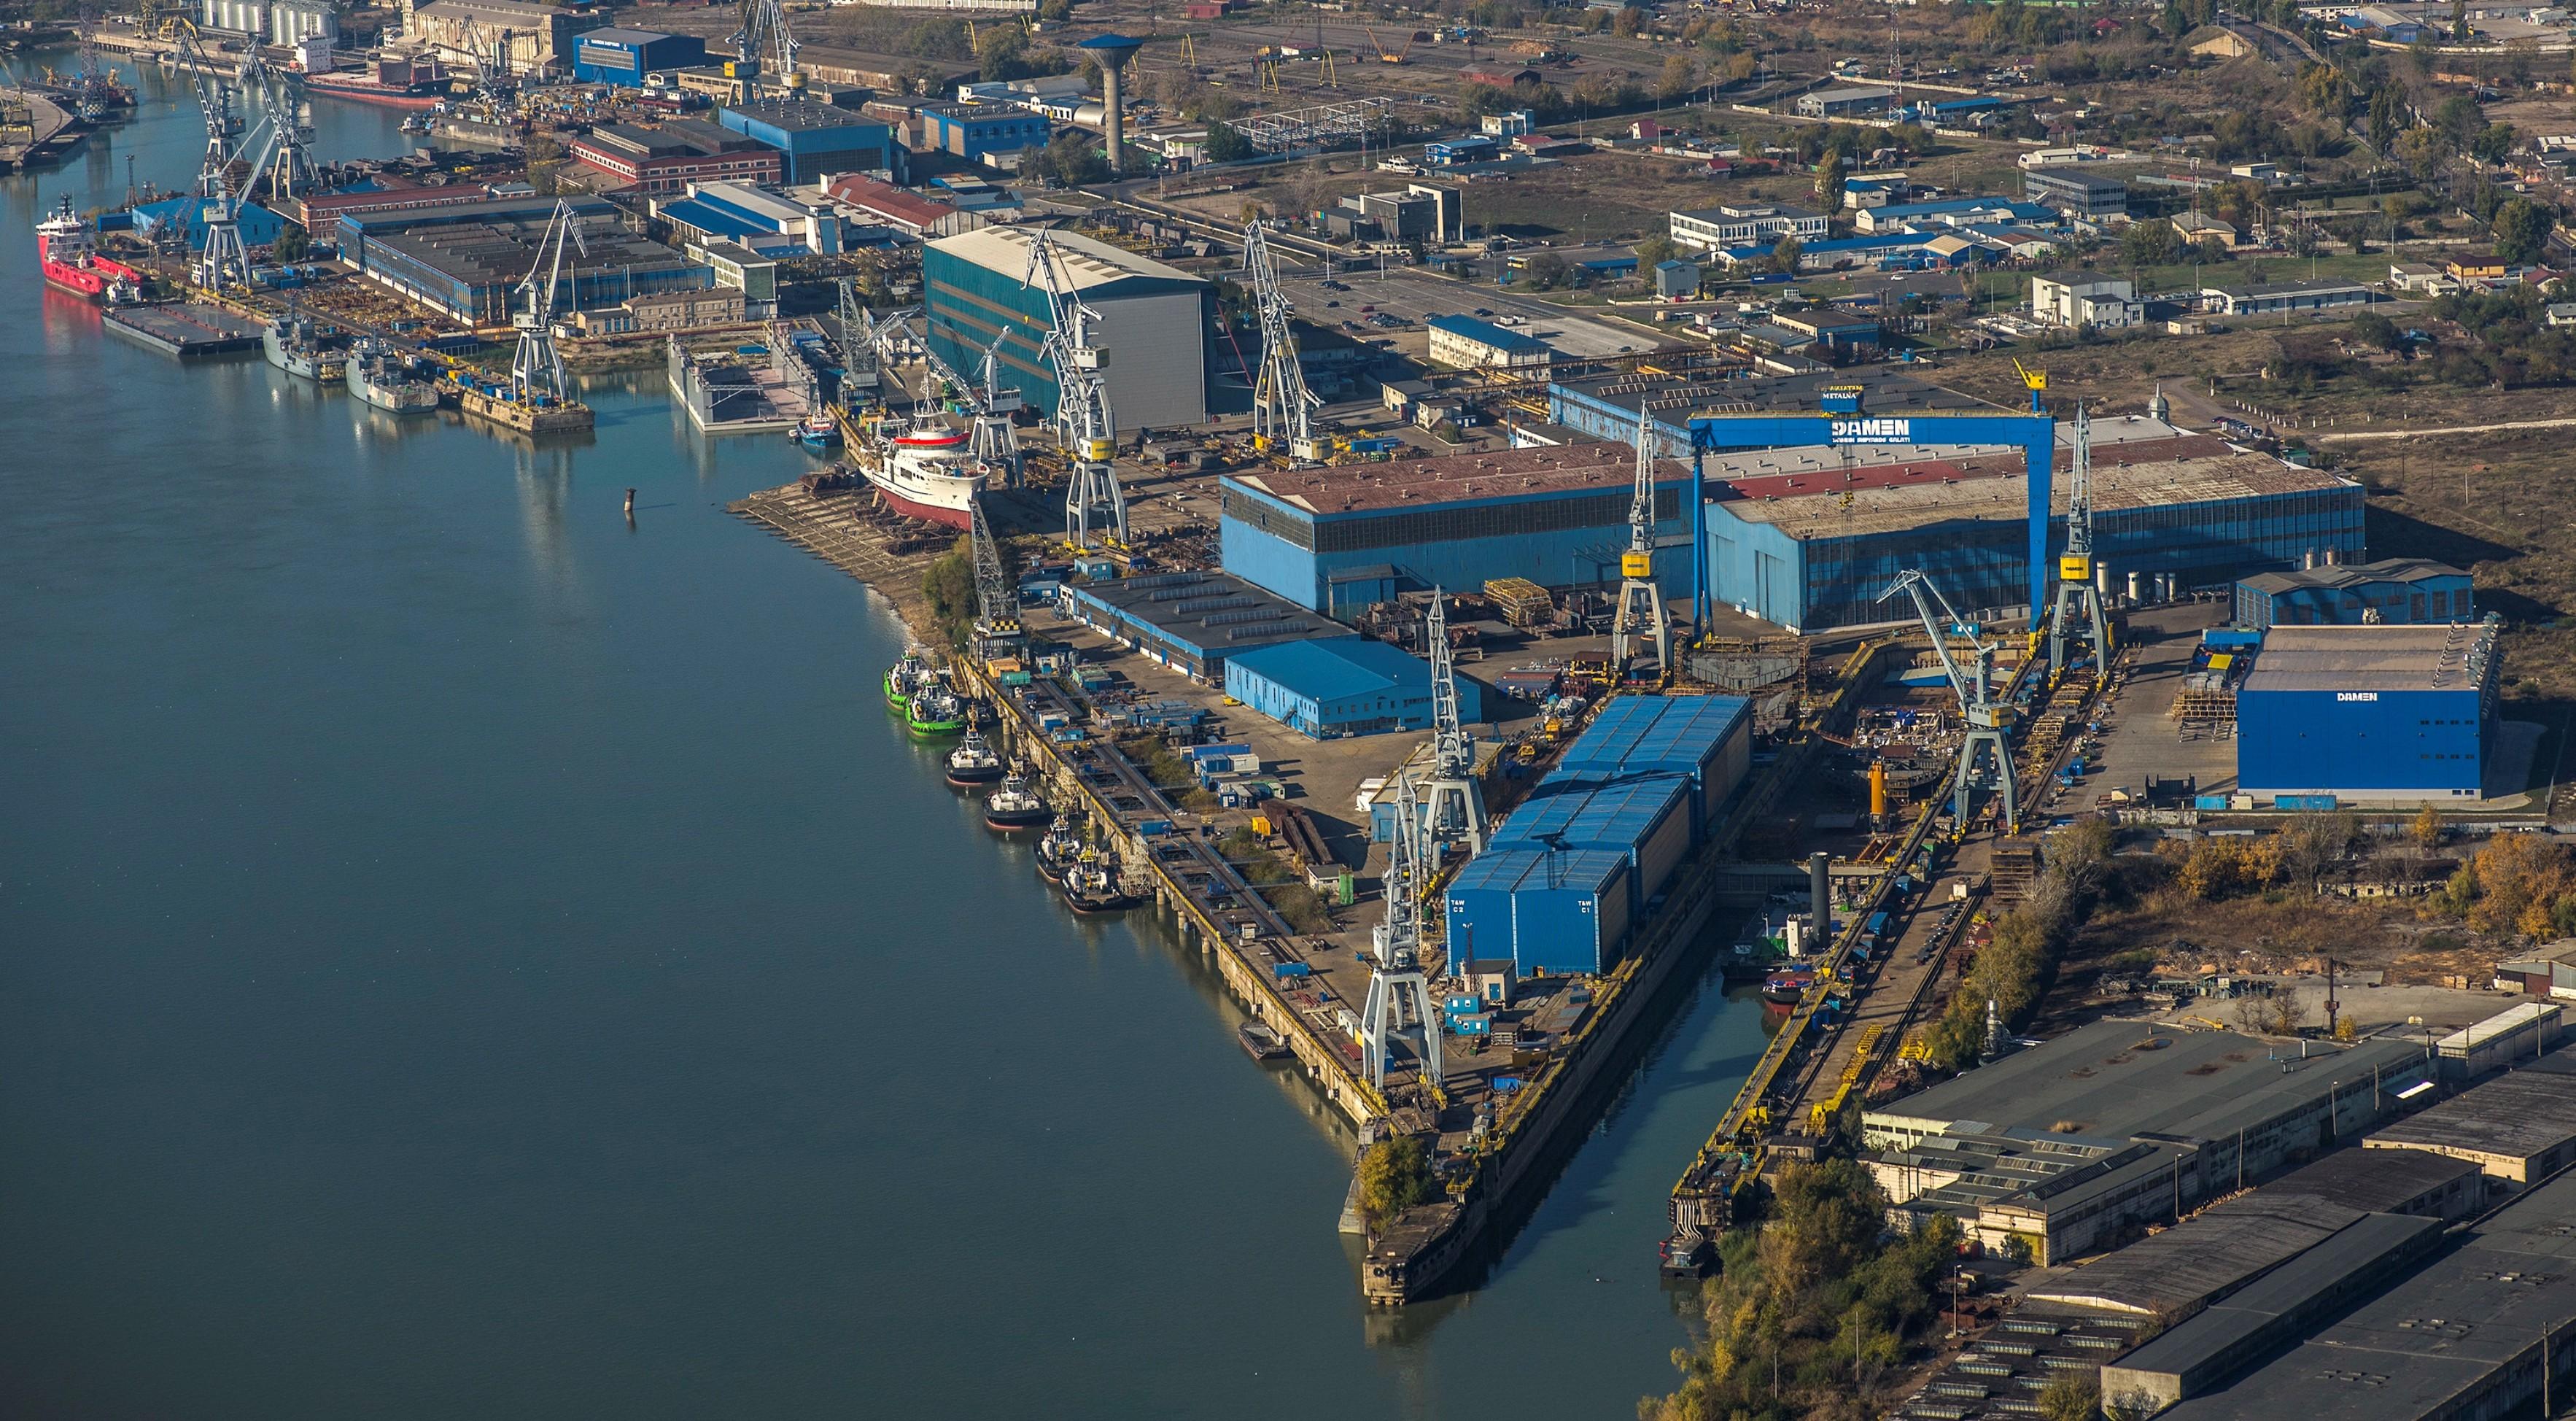 Damen Shipyards Galati | LinkedIn